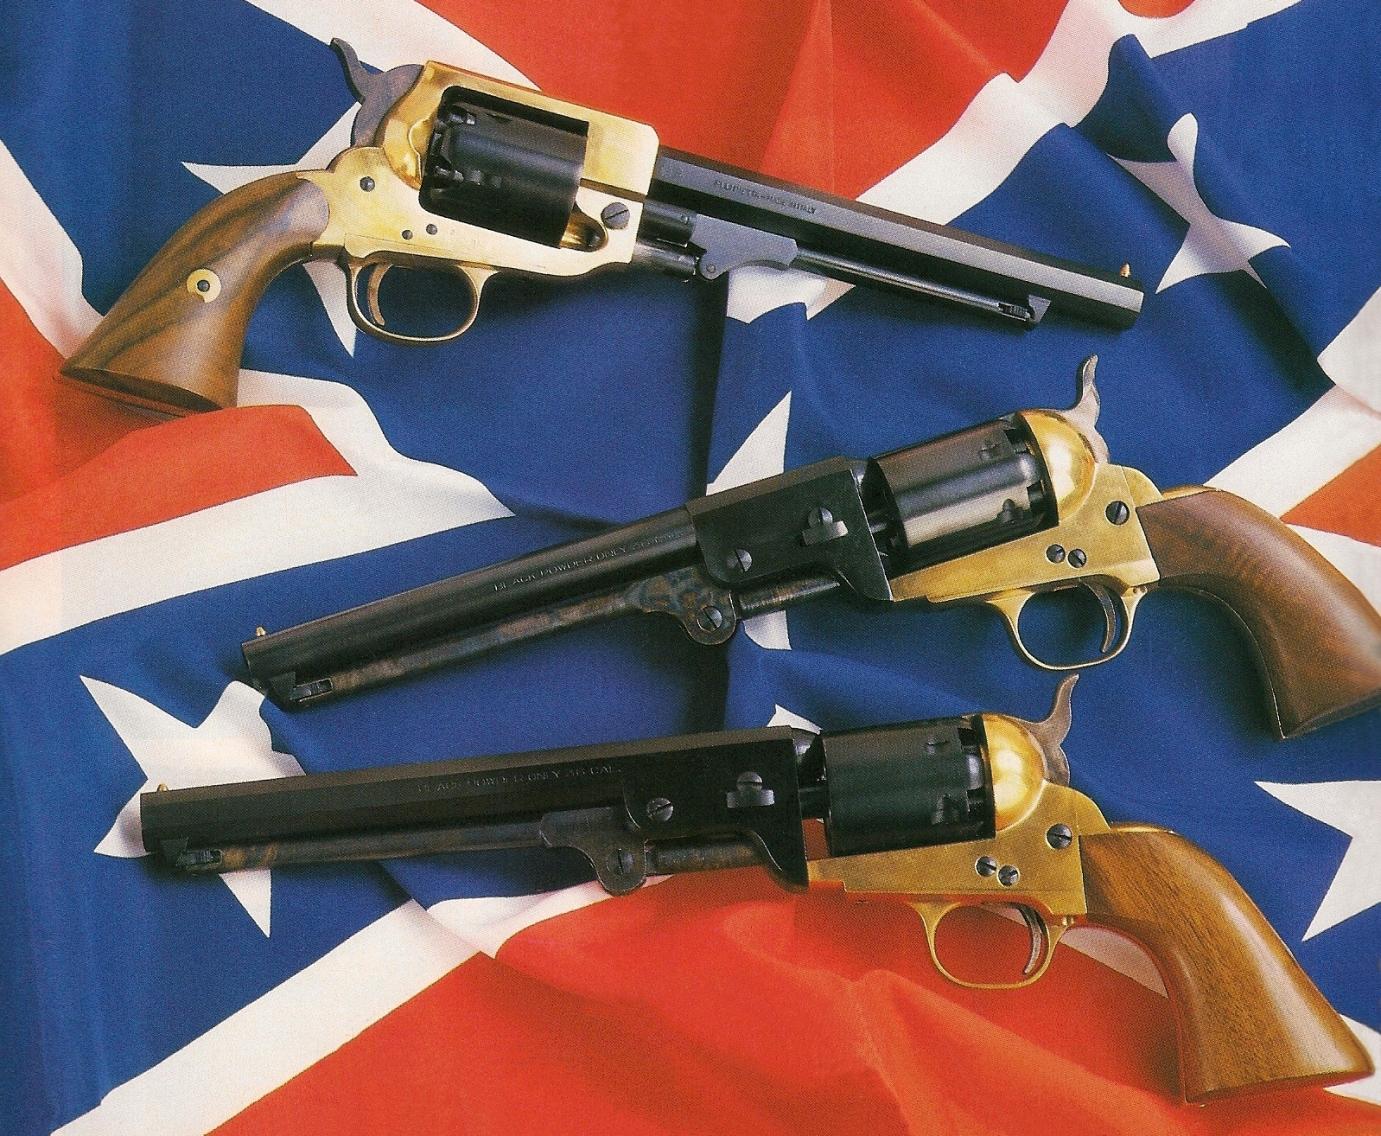 L'amateur de répliques peut se procurer, pour une somme relativement modique puisque les modèles à carcasse en laiton sont les moins chers de la gamme, une copie relativement fidèle des rarissimes revolvers sudistes « Spiller & Burr », « Griswold & Gunnison » et « Schneider & Glassick ».